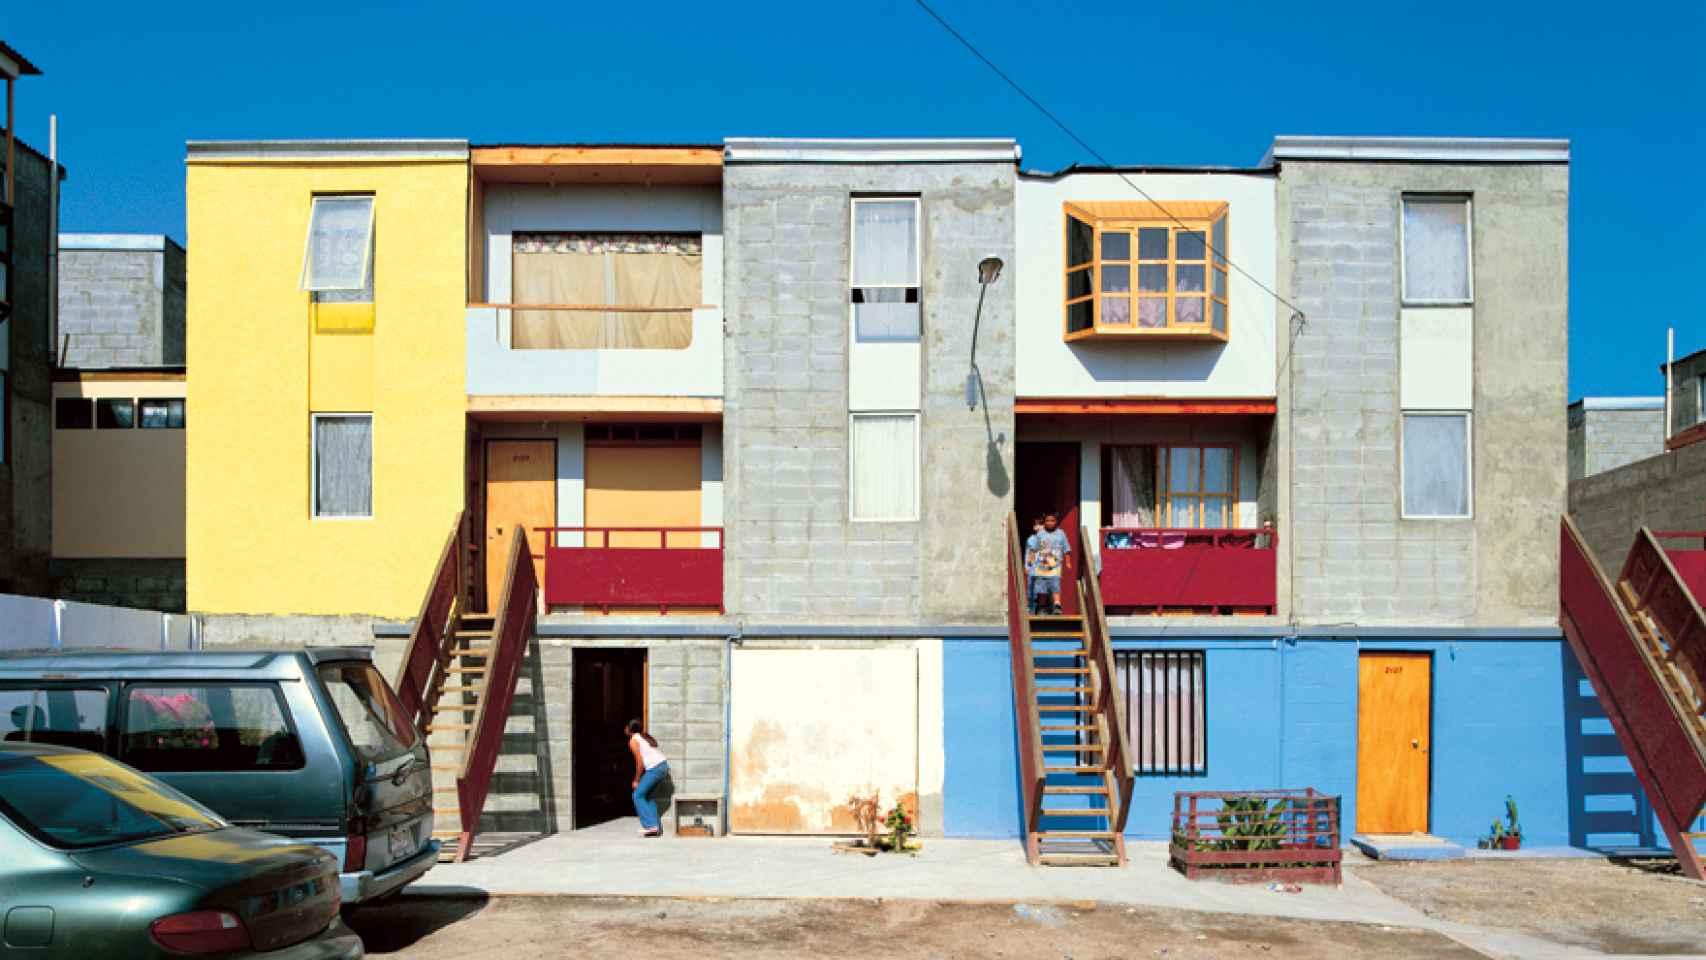 El proyecto de Monroy ocupado y rediseñado por los vecinos.